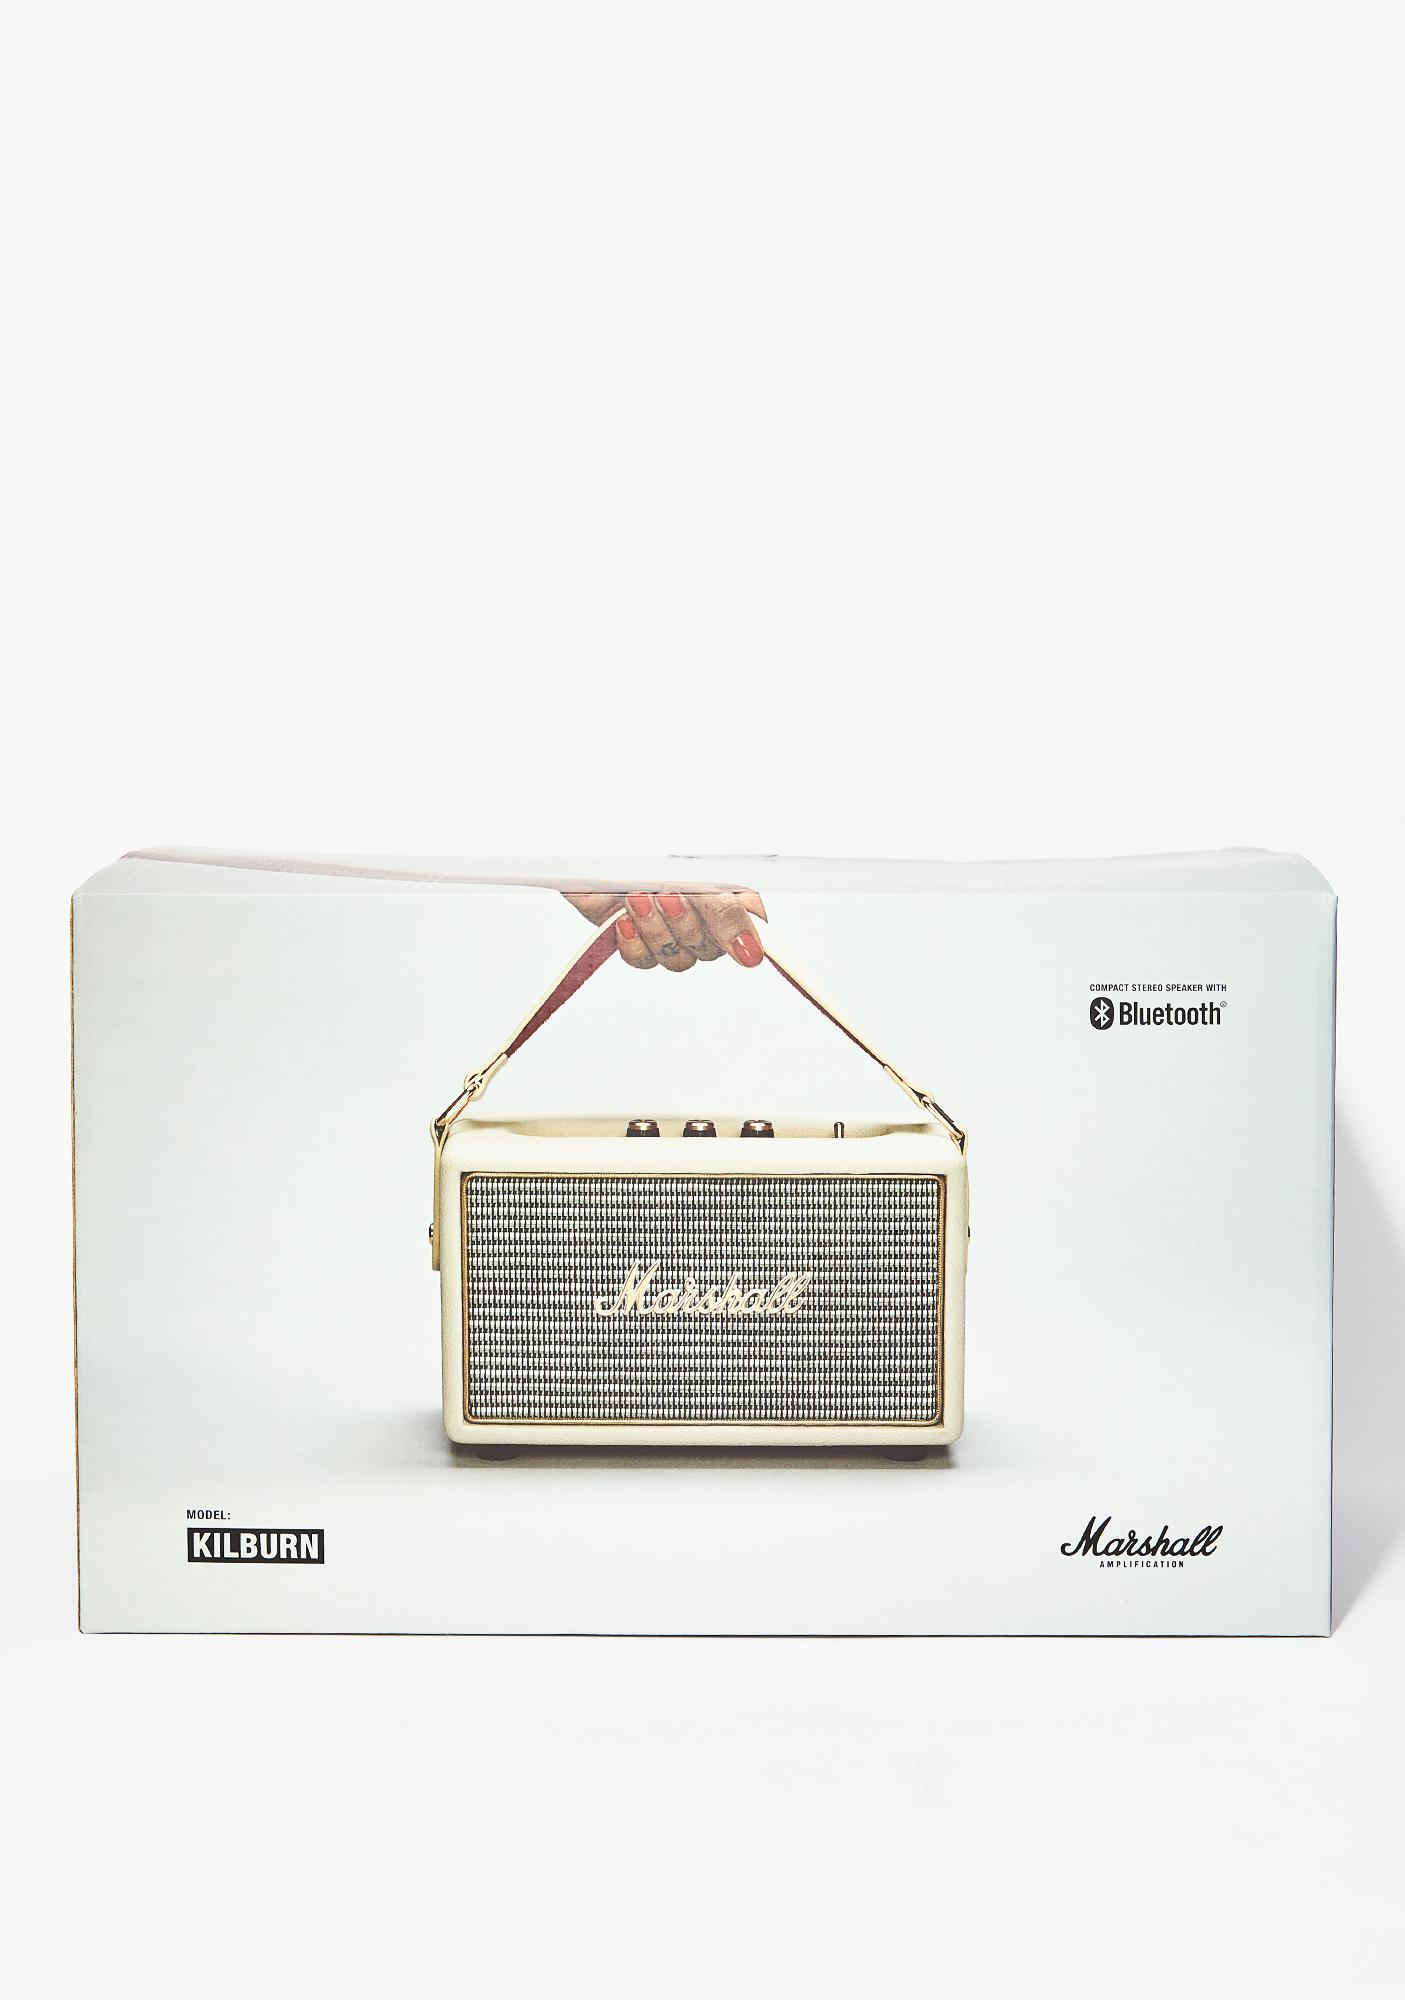 Marshall Kilburn Portable Speaker